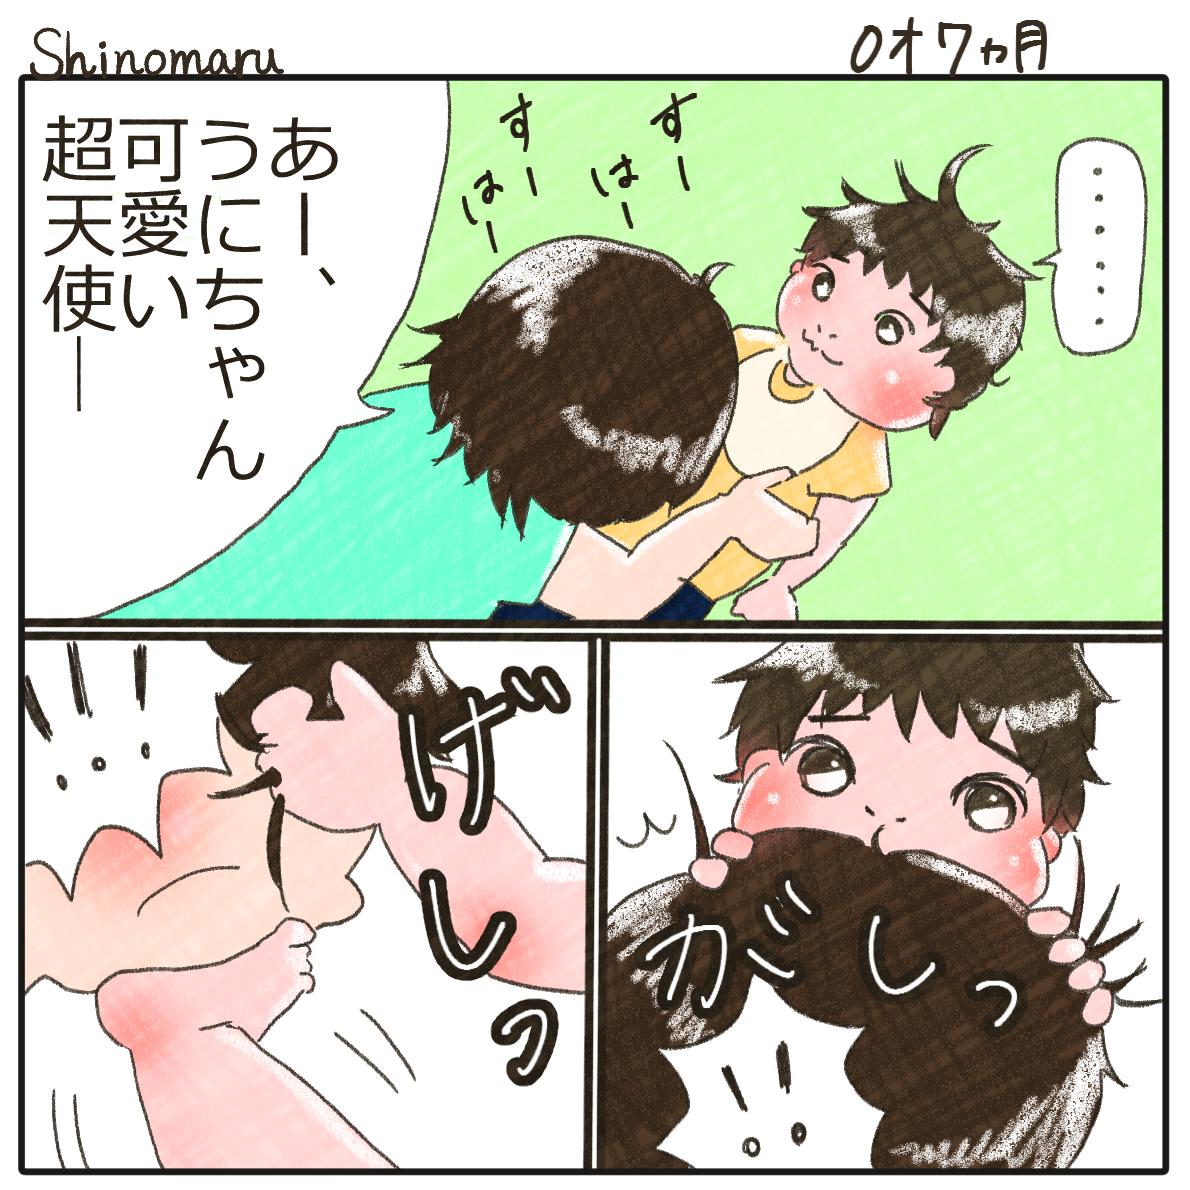 f:id:Shinomaru:20210621100141p:plain